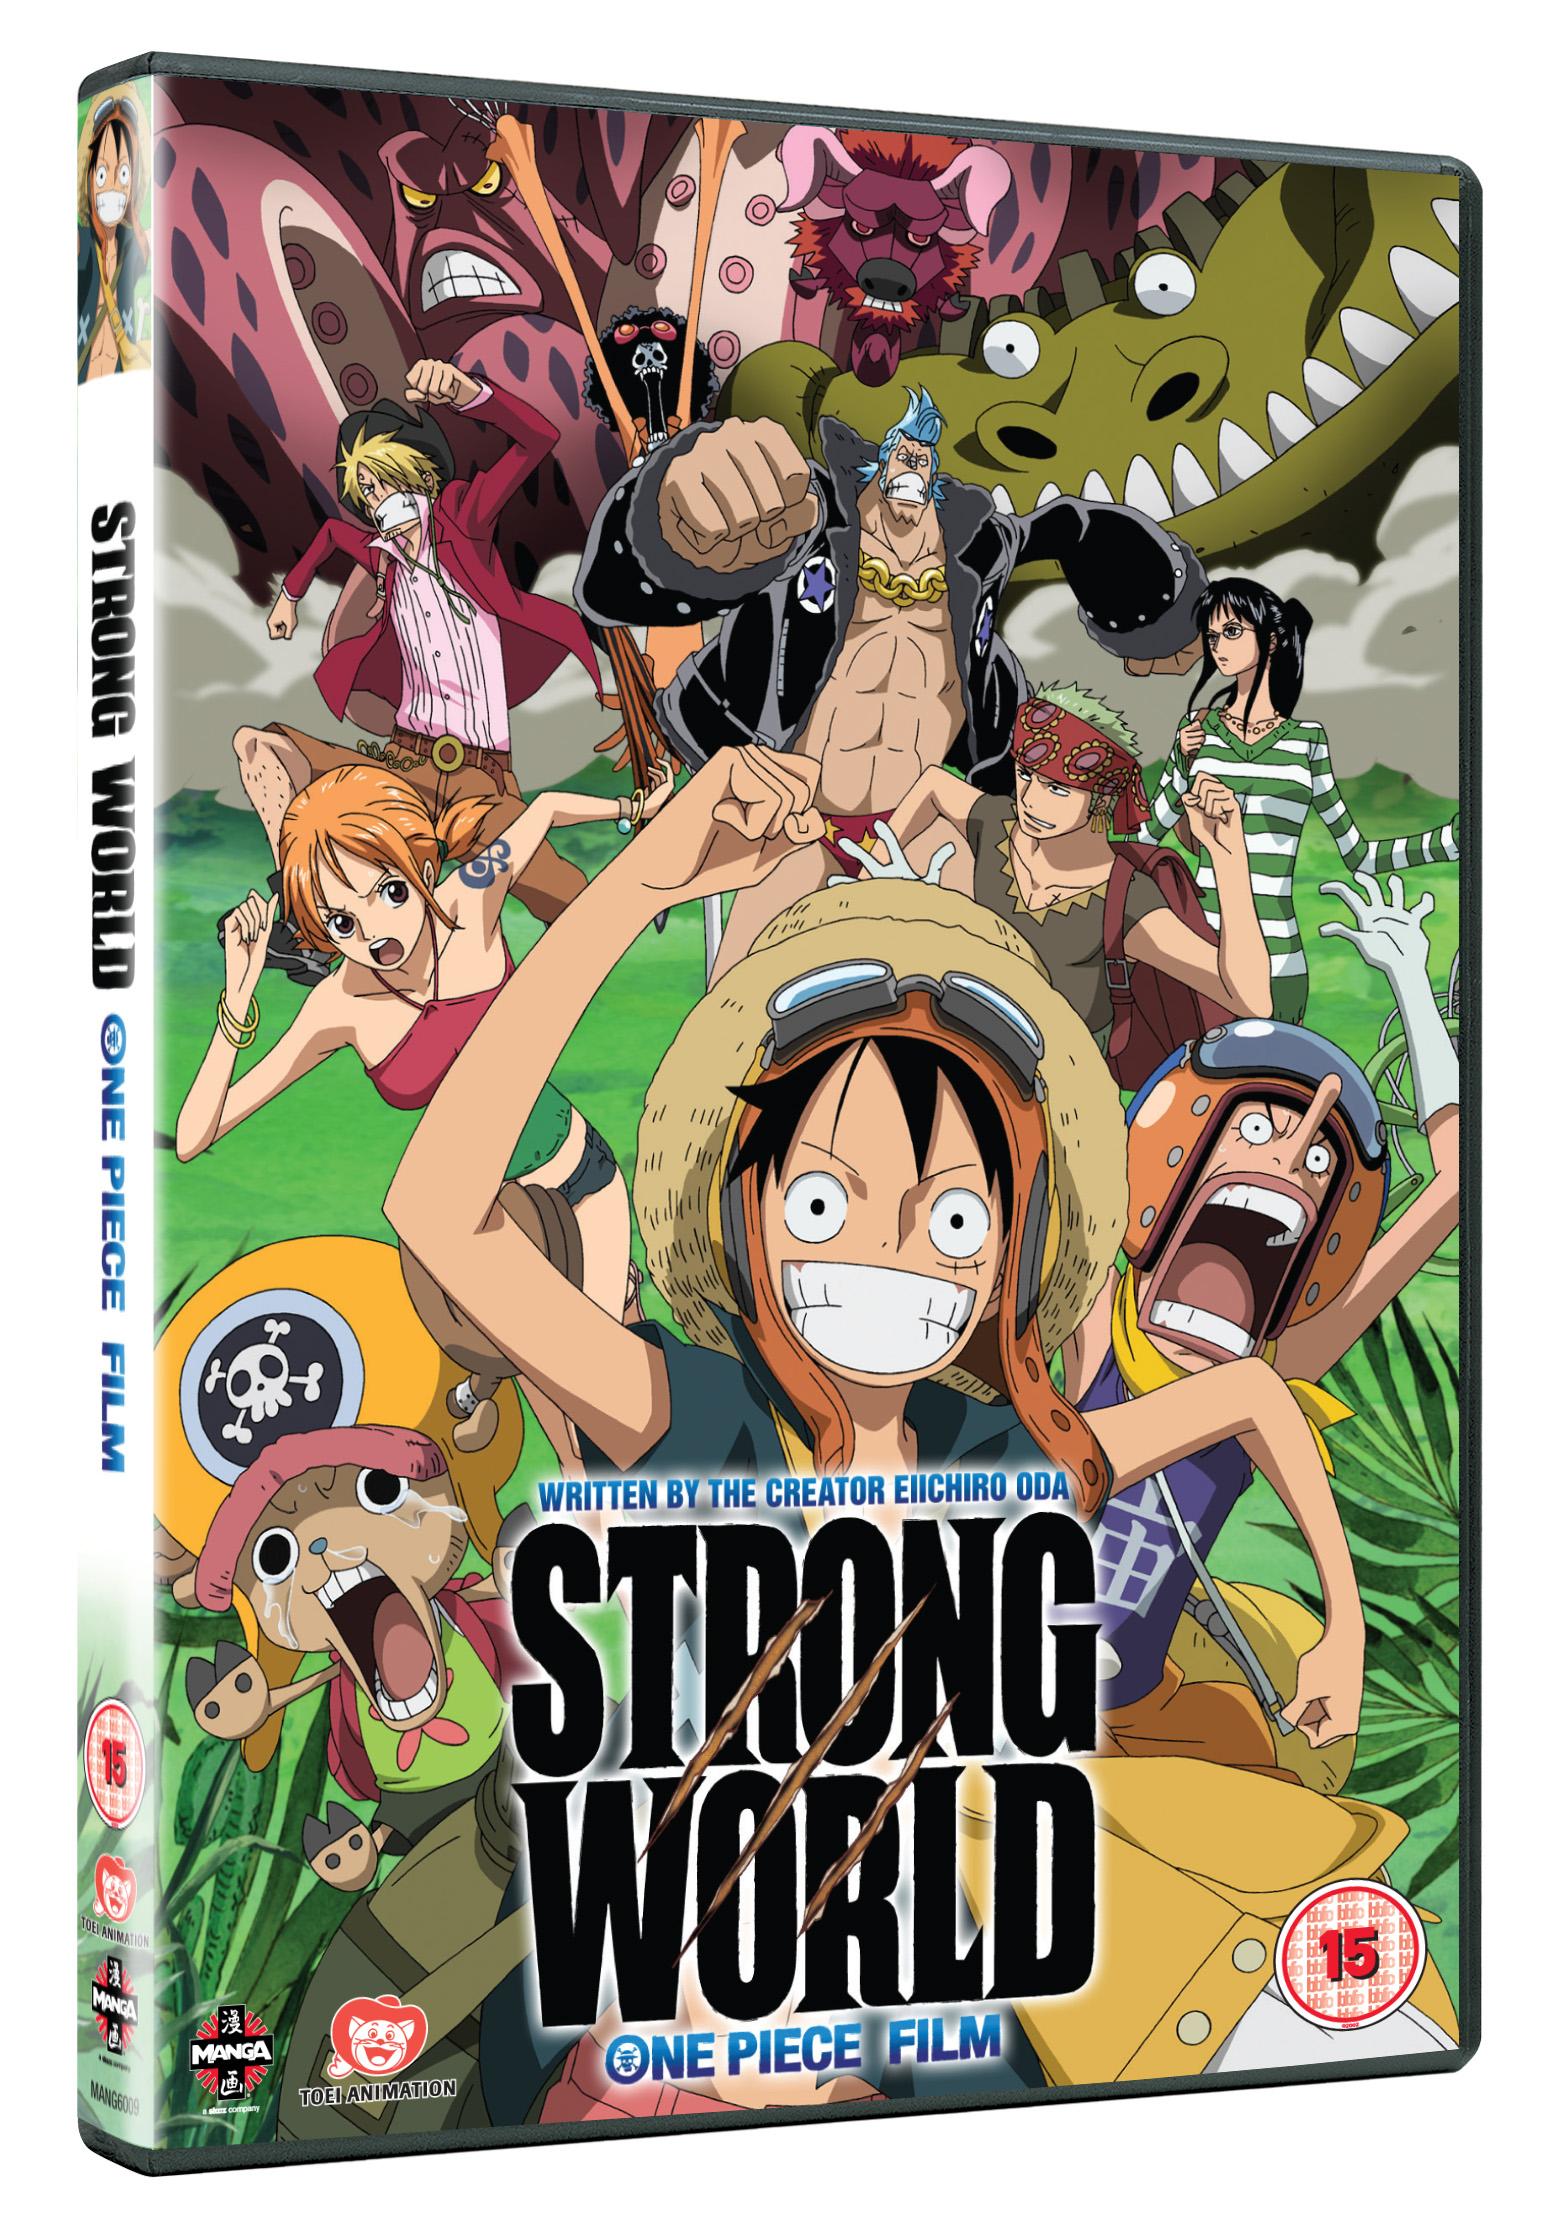 One piece movie dvd